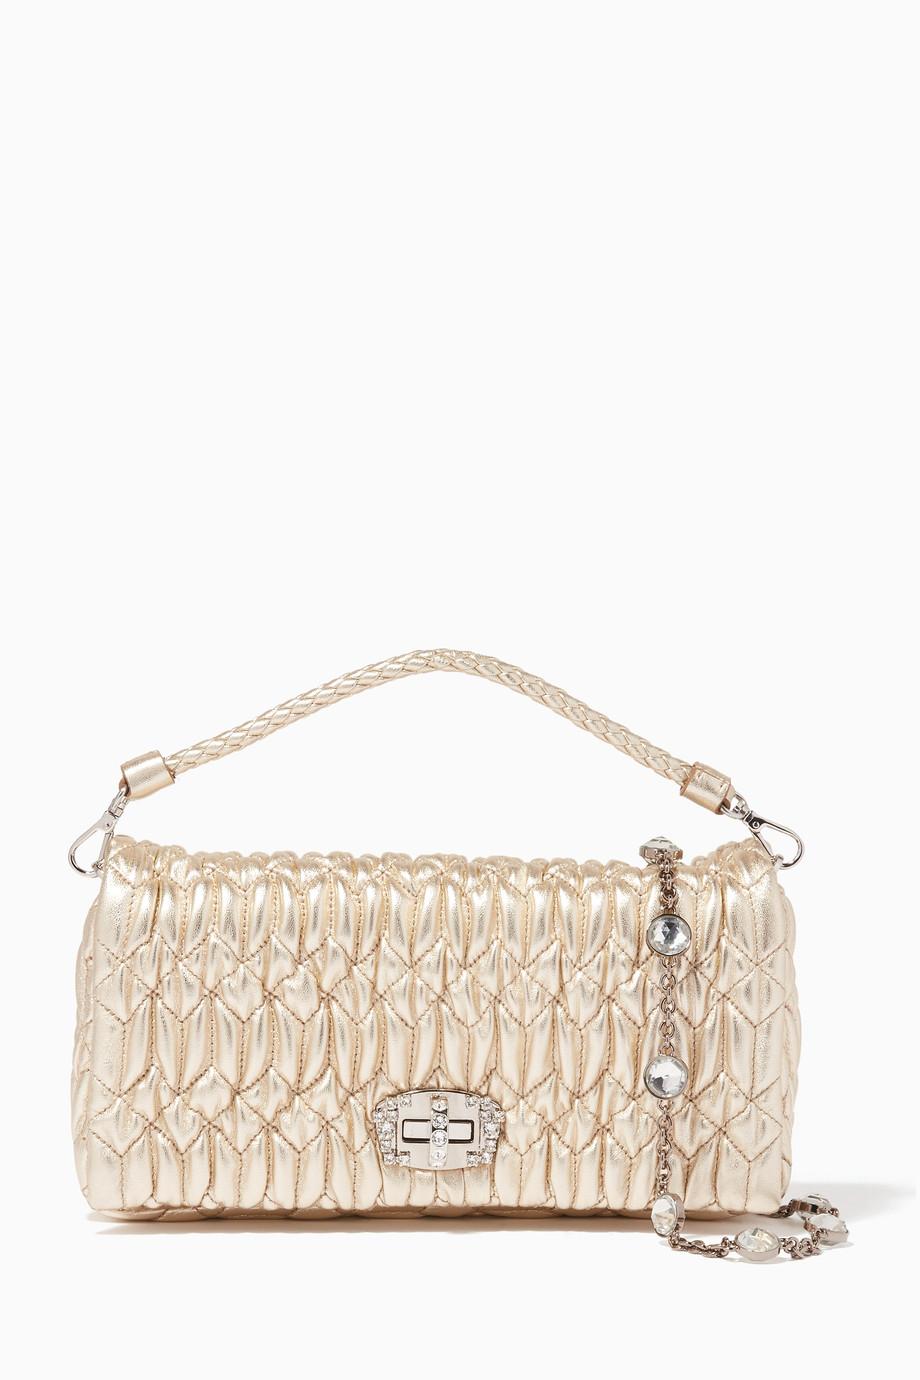 ec60a3a90d8e Shop Miu Miu Gold Gold Matelassé Crystal-Embellished Leather ...